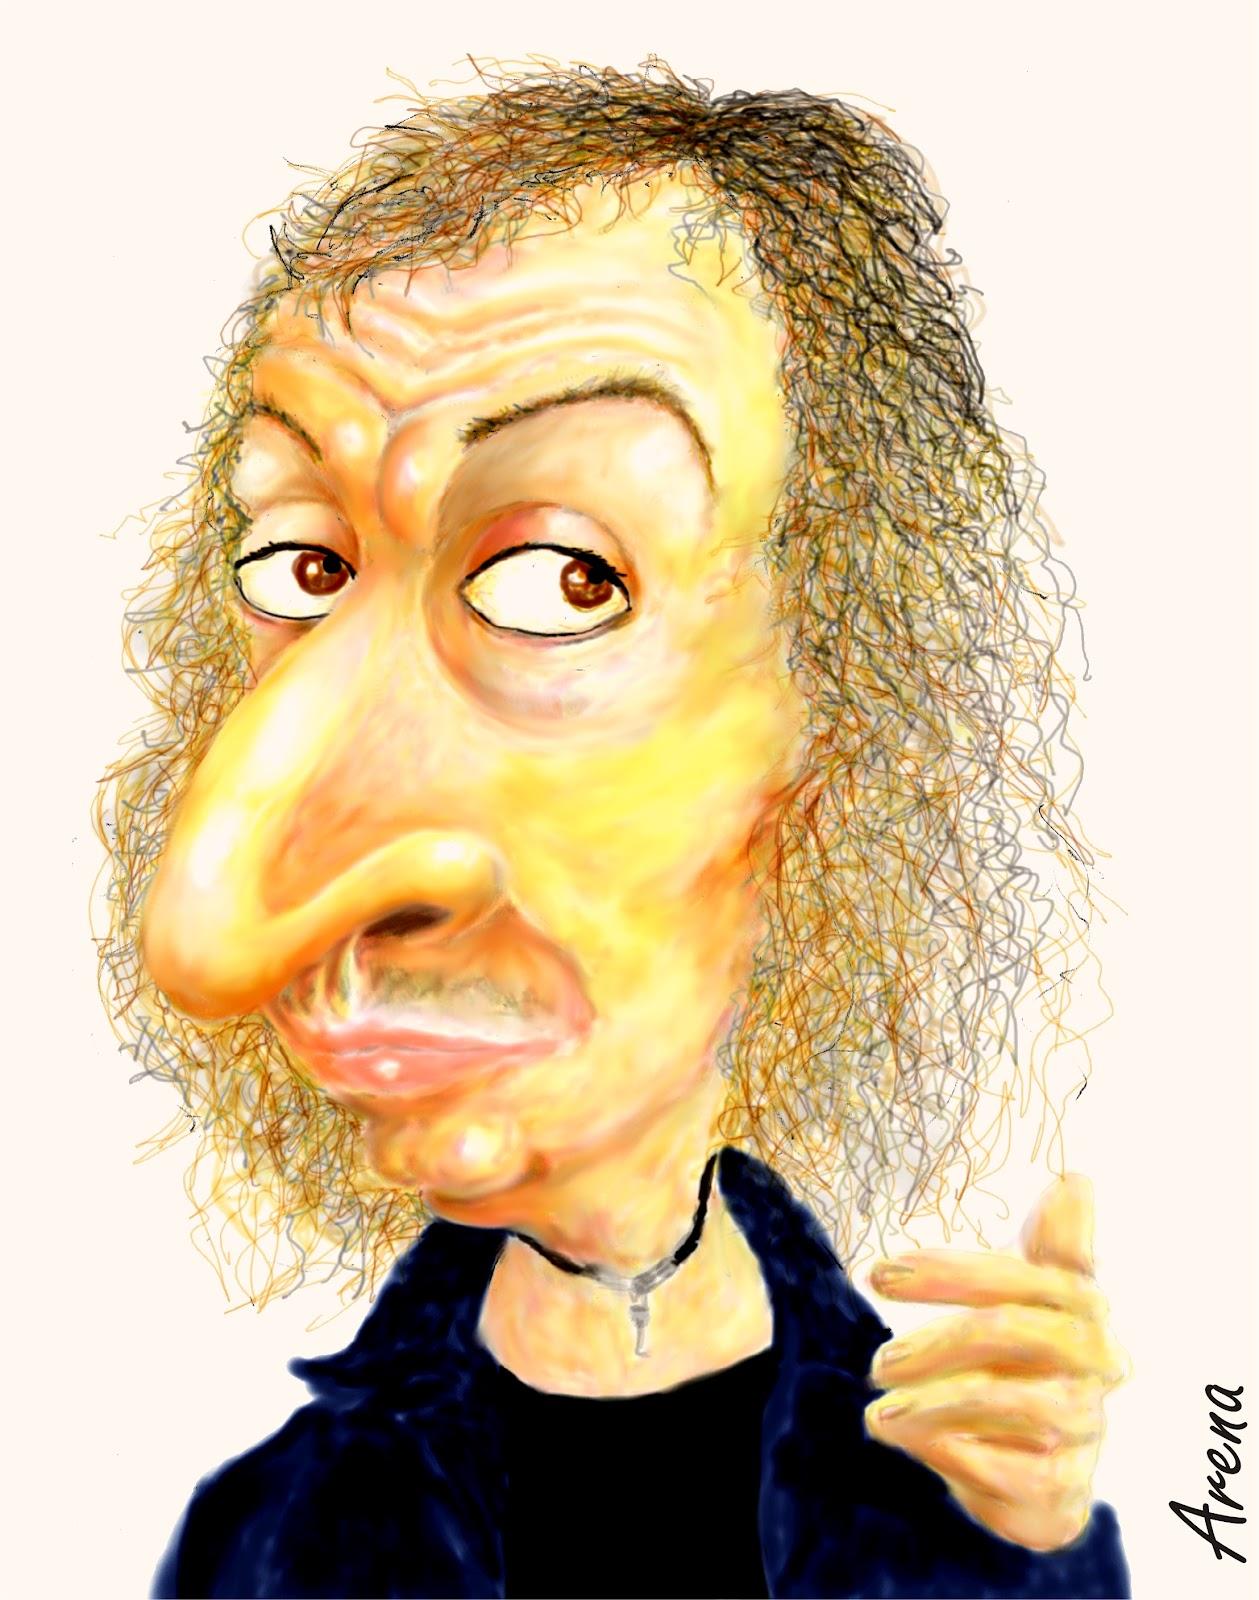 http://2.bp.blogspot.com/-jqjtnYI4i_k/T0AwJmFR-zI/AAAAAAAAAP0/Vonztff7Zrc/s1600/Capusotto+Peter.jpg